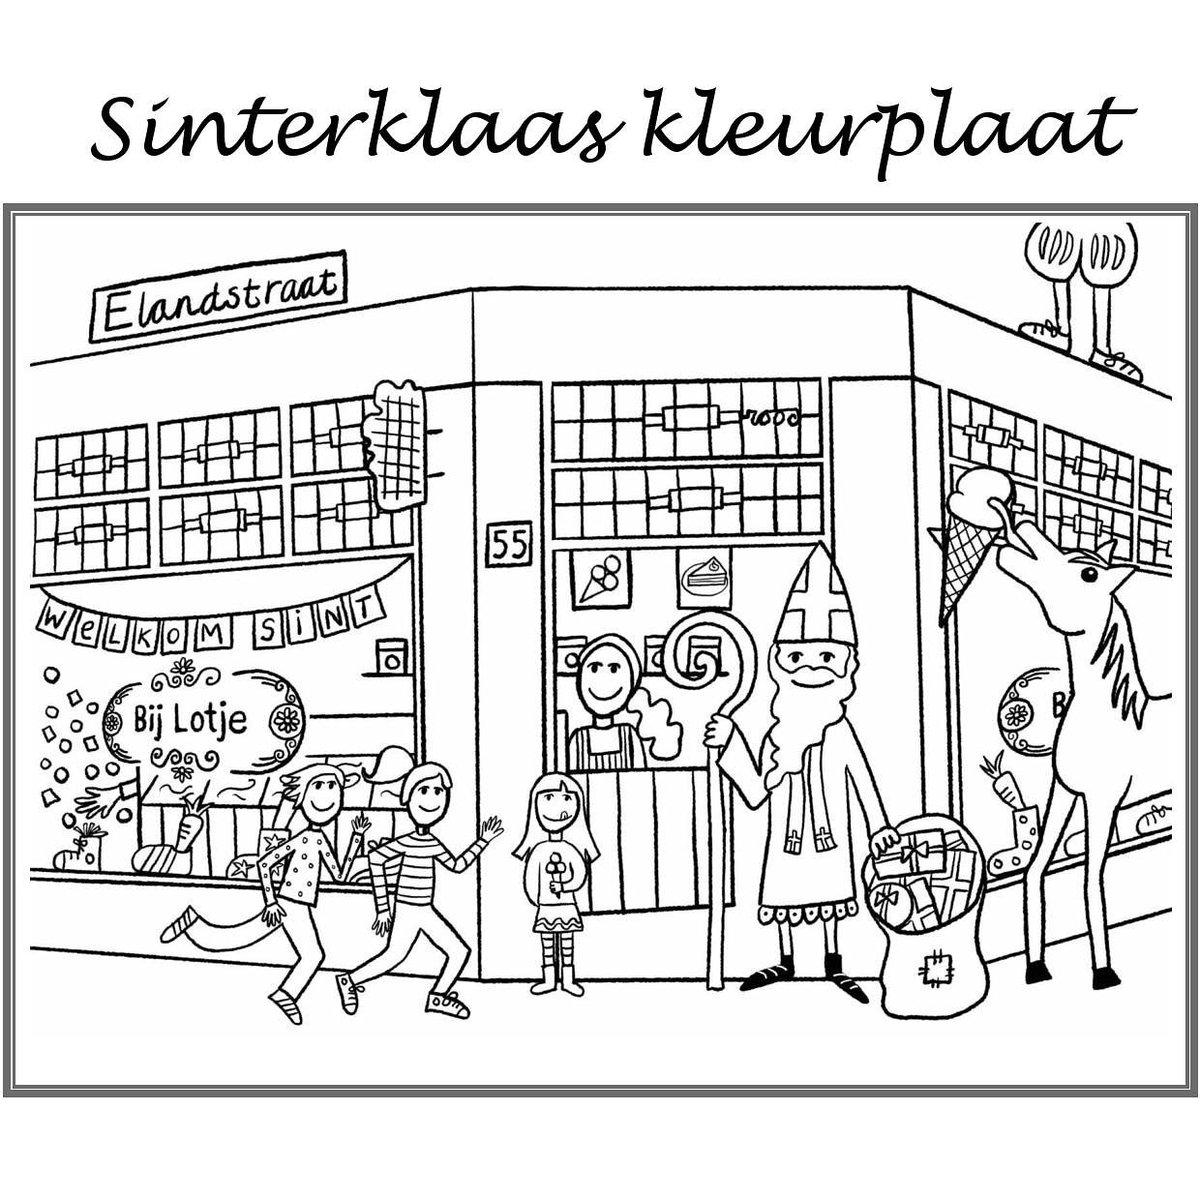 Kleurplaten Schoen Voor Sinterklaas.Bij Lotje On Twitter De Sint Is Weer In Het Land En We